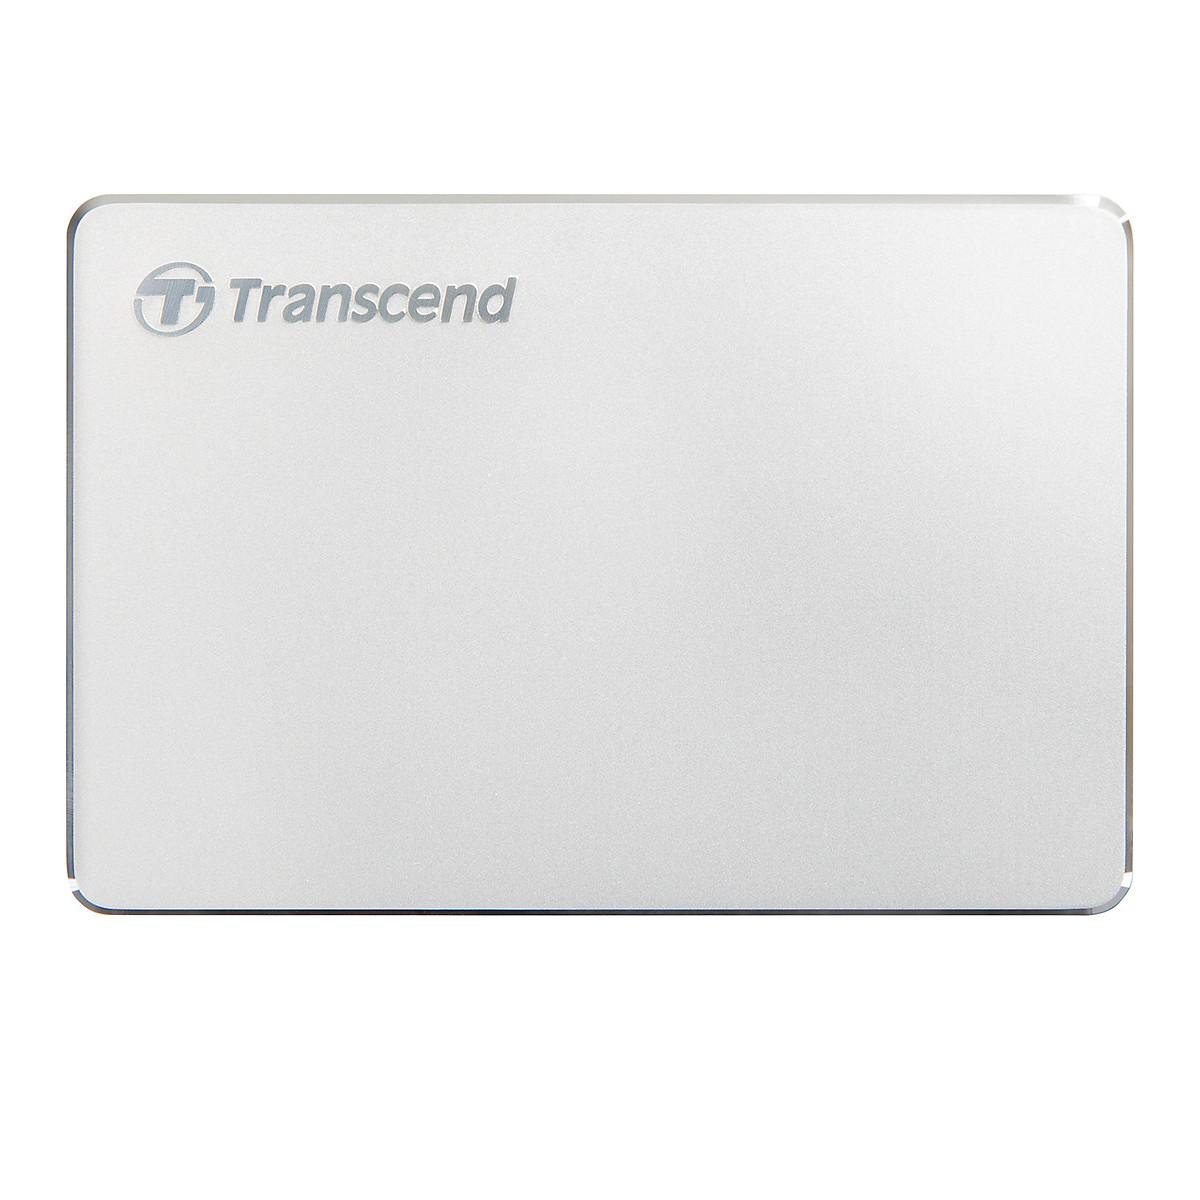 Ổ Cứng Di Động Transcend 2TB StoreJet C3S Aluminum Slim USB 3.1 – Hàng Chính Hãng